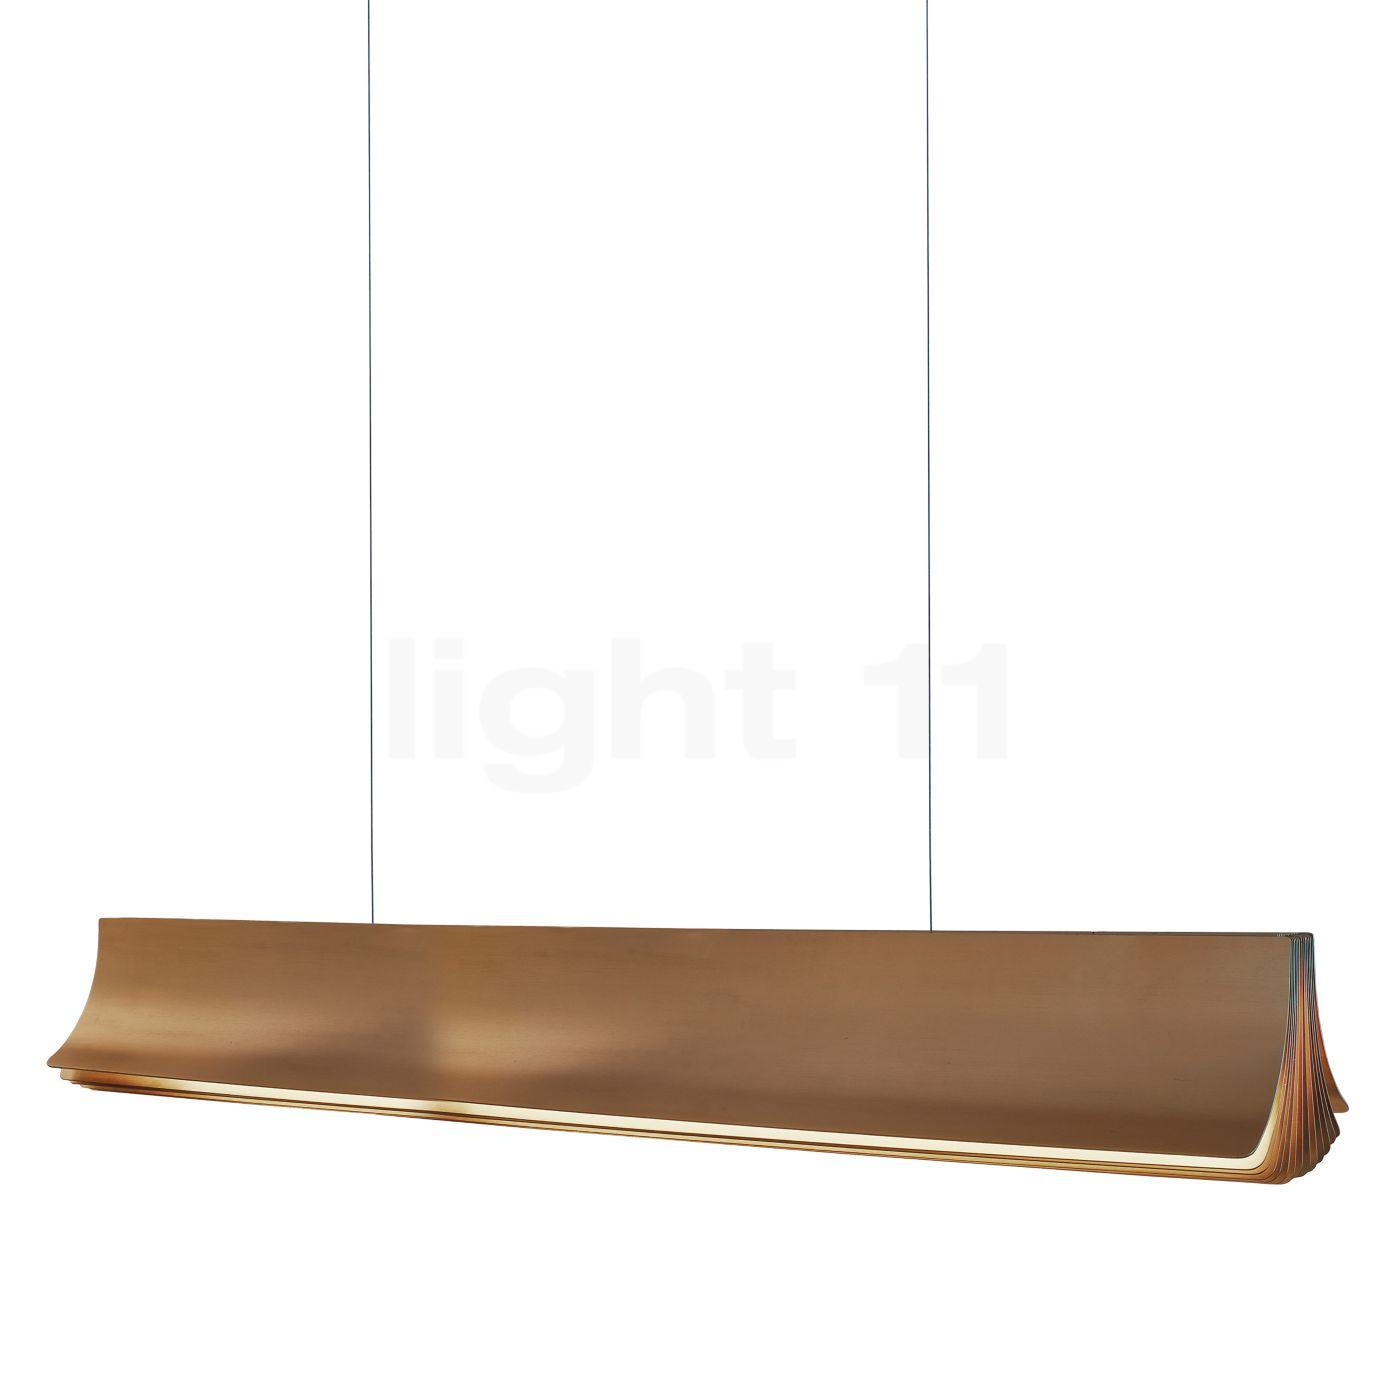 DCW Respiro Pendelleuchte LED, gold, 120 cm RESPIRO 1200 GOLD-GOLD